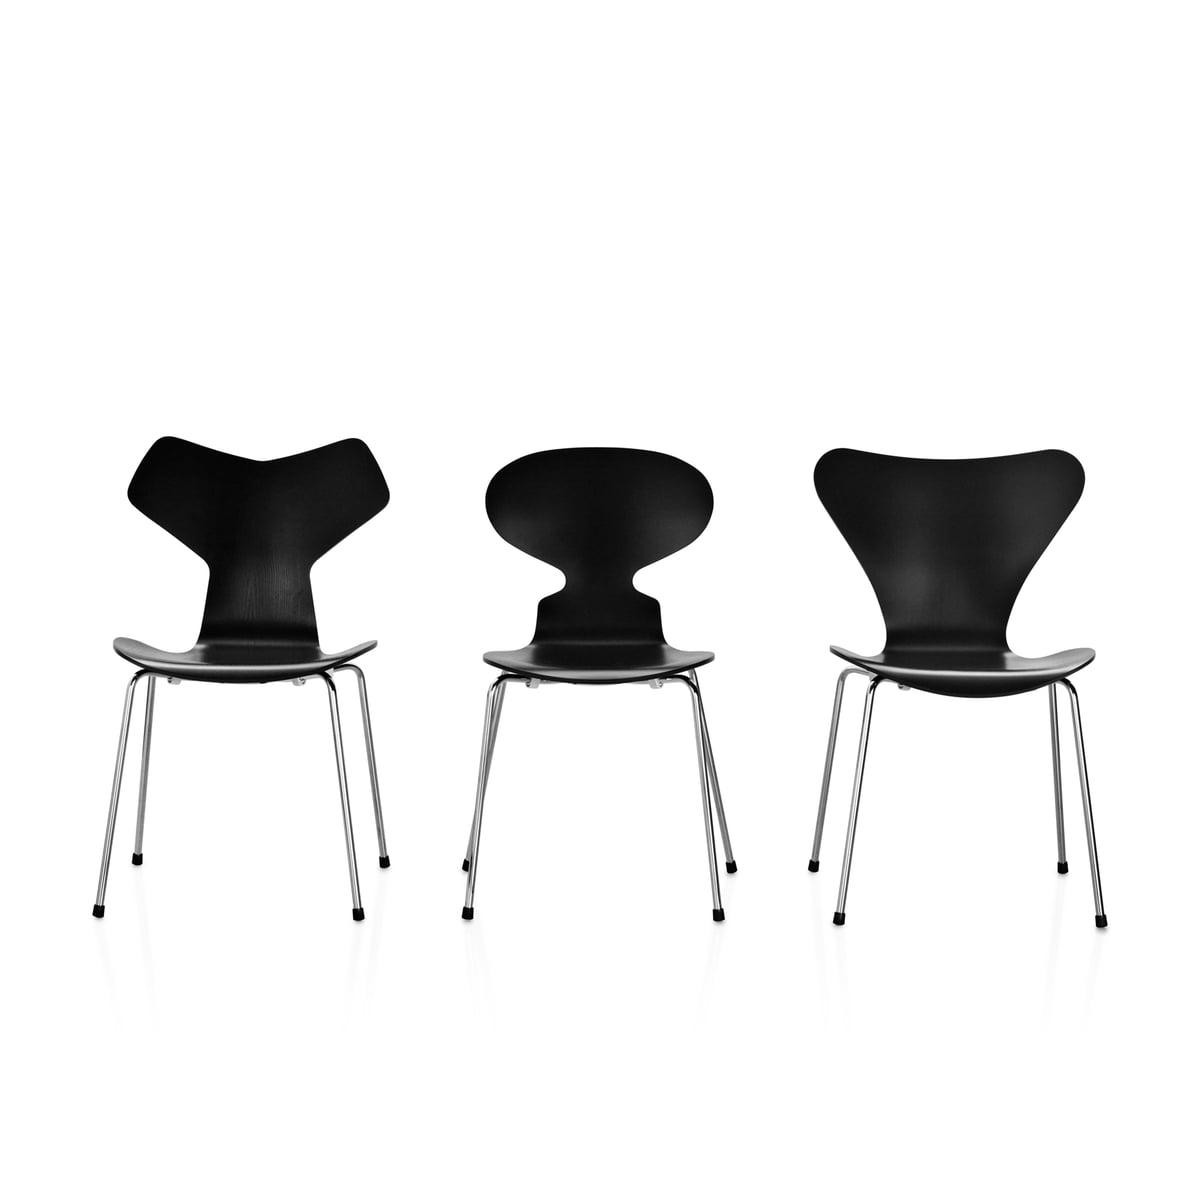 Arne Jacobsen Ameise fritz hansen grand prix stuhl im shop